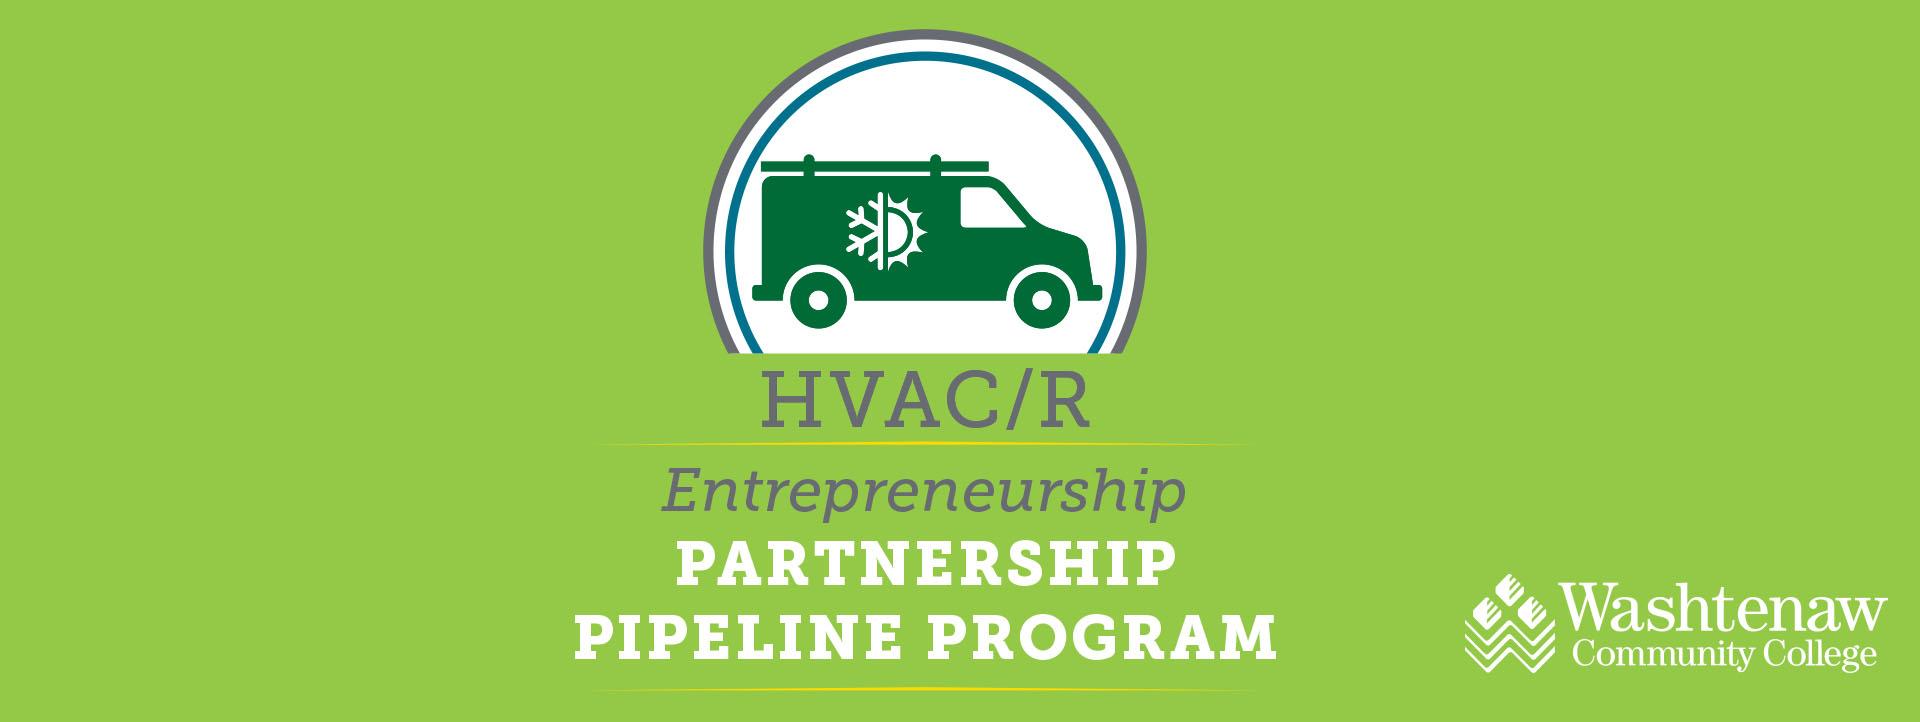 HVAC/R Entrepreneurship